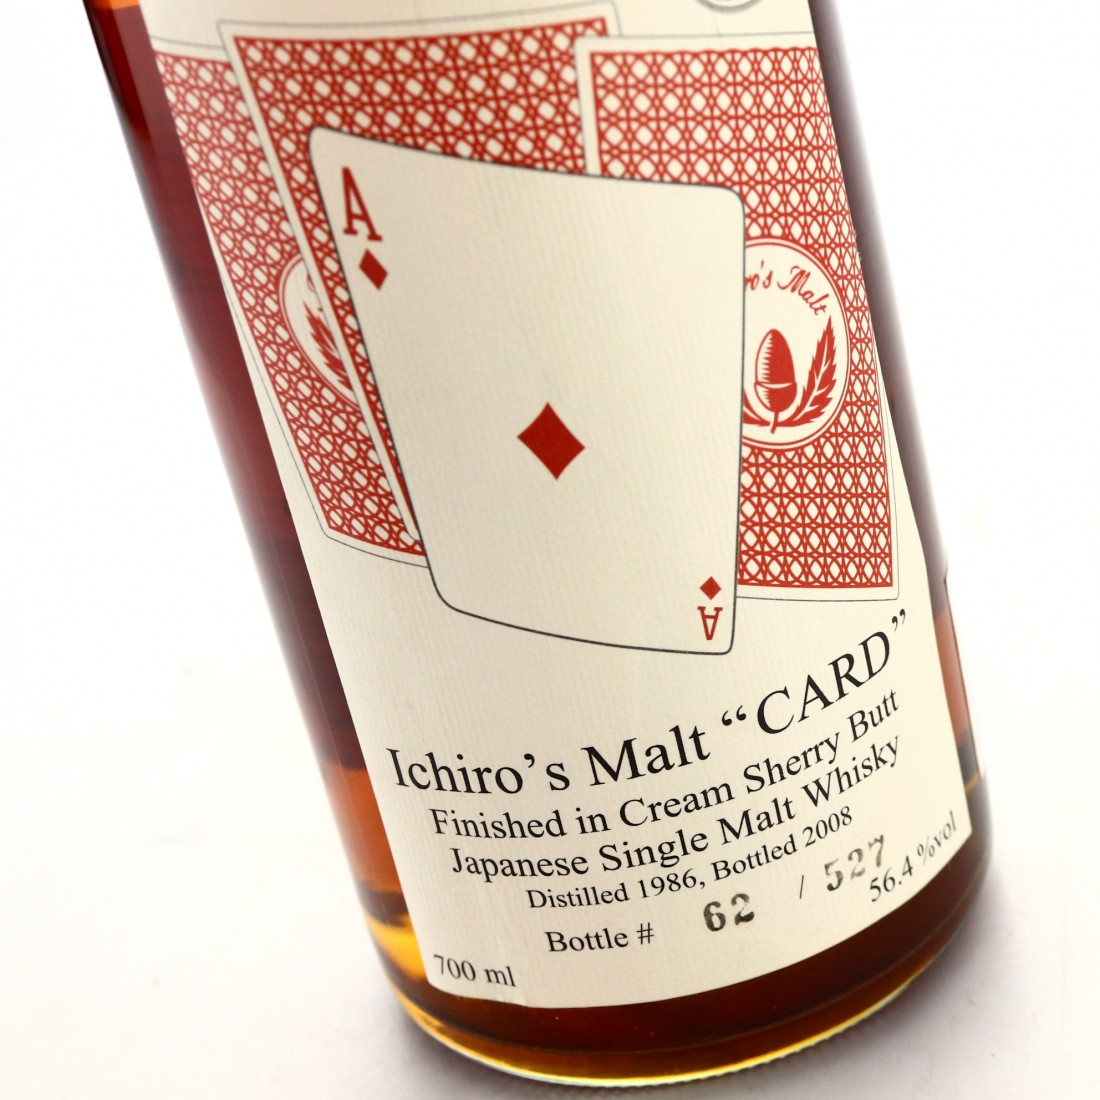 Hanyu 1986 Ichiro's Malt 'Card' #9023 / Ace of Diamonds